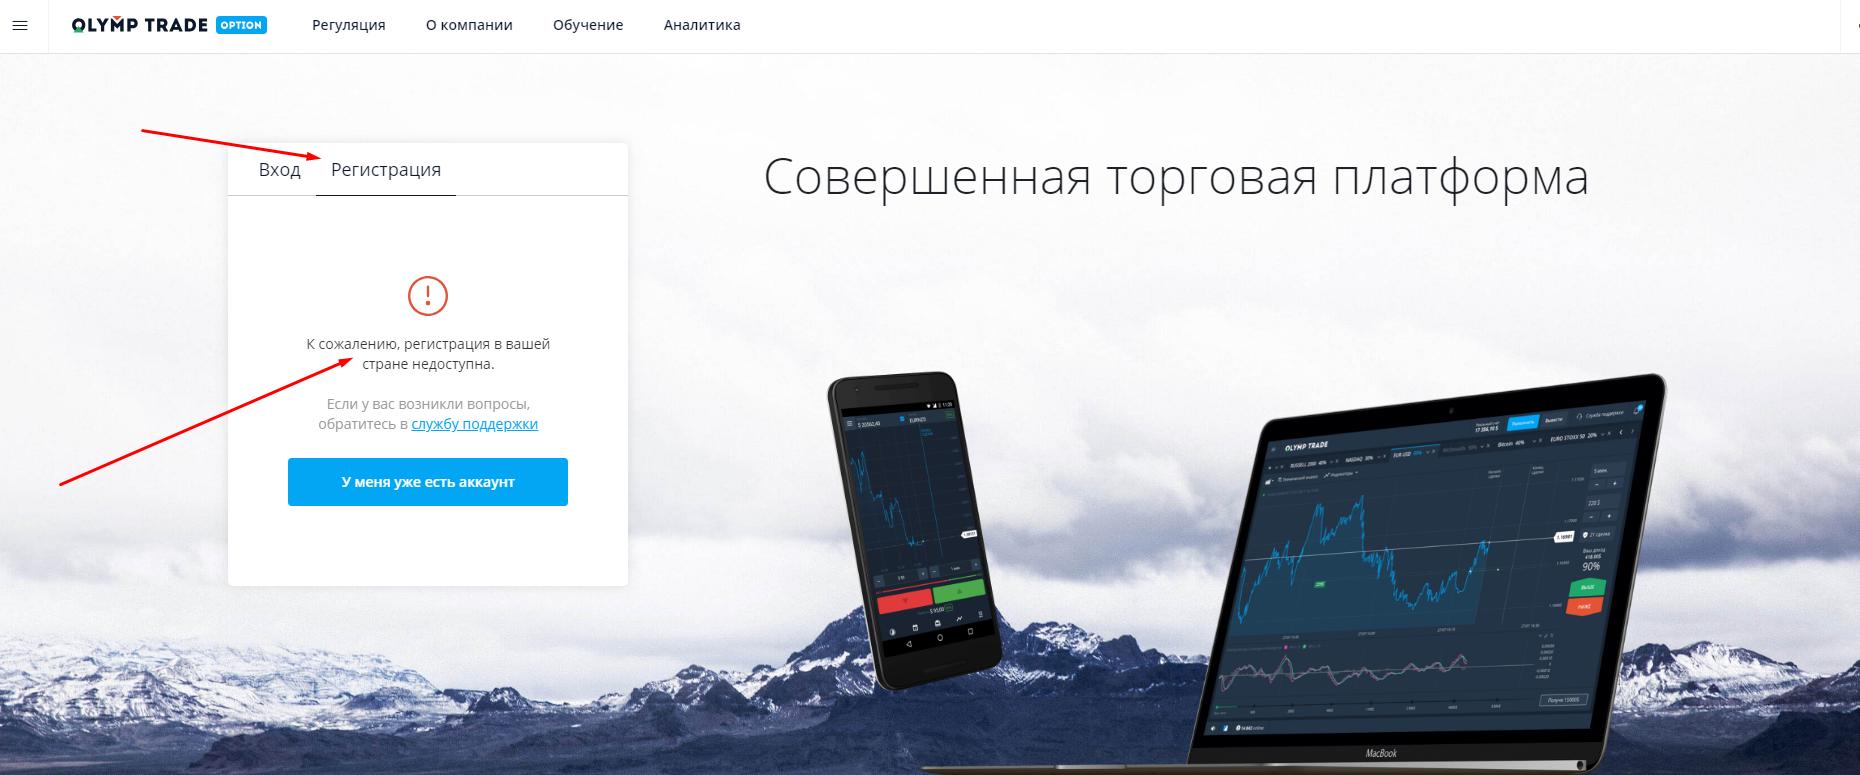 Olymp Trade останавливает регистрацию новых клиентов из России.